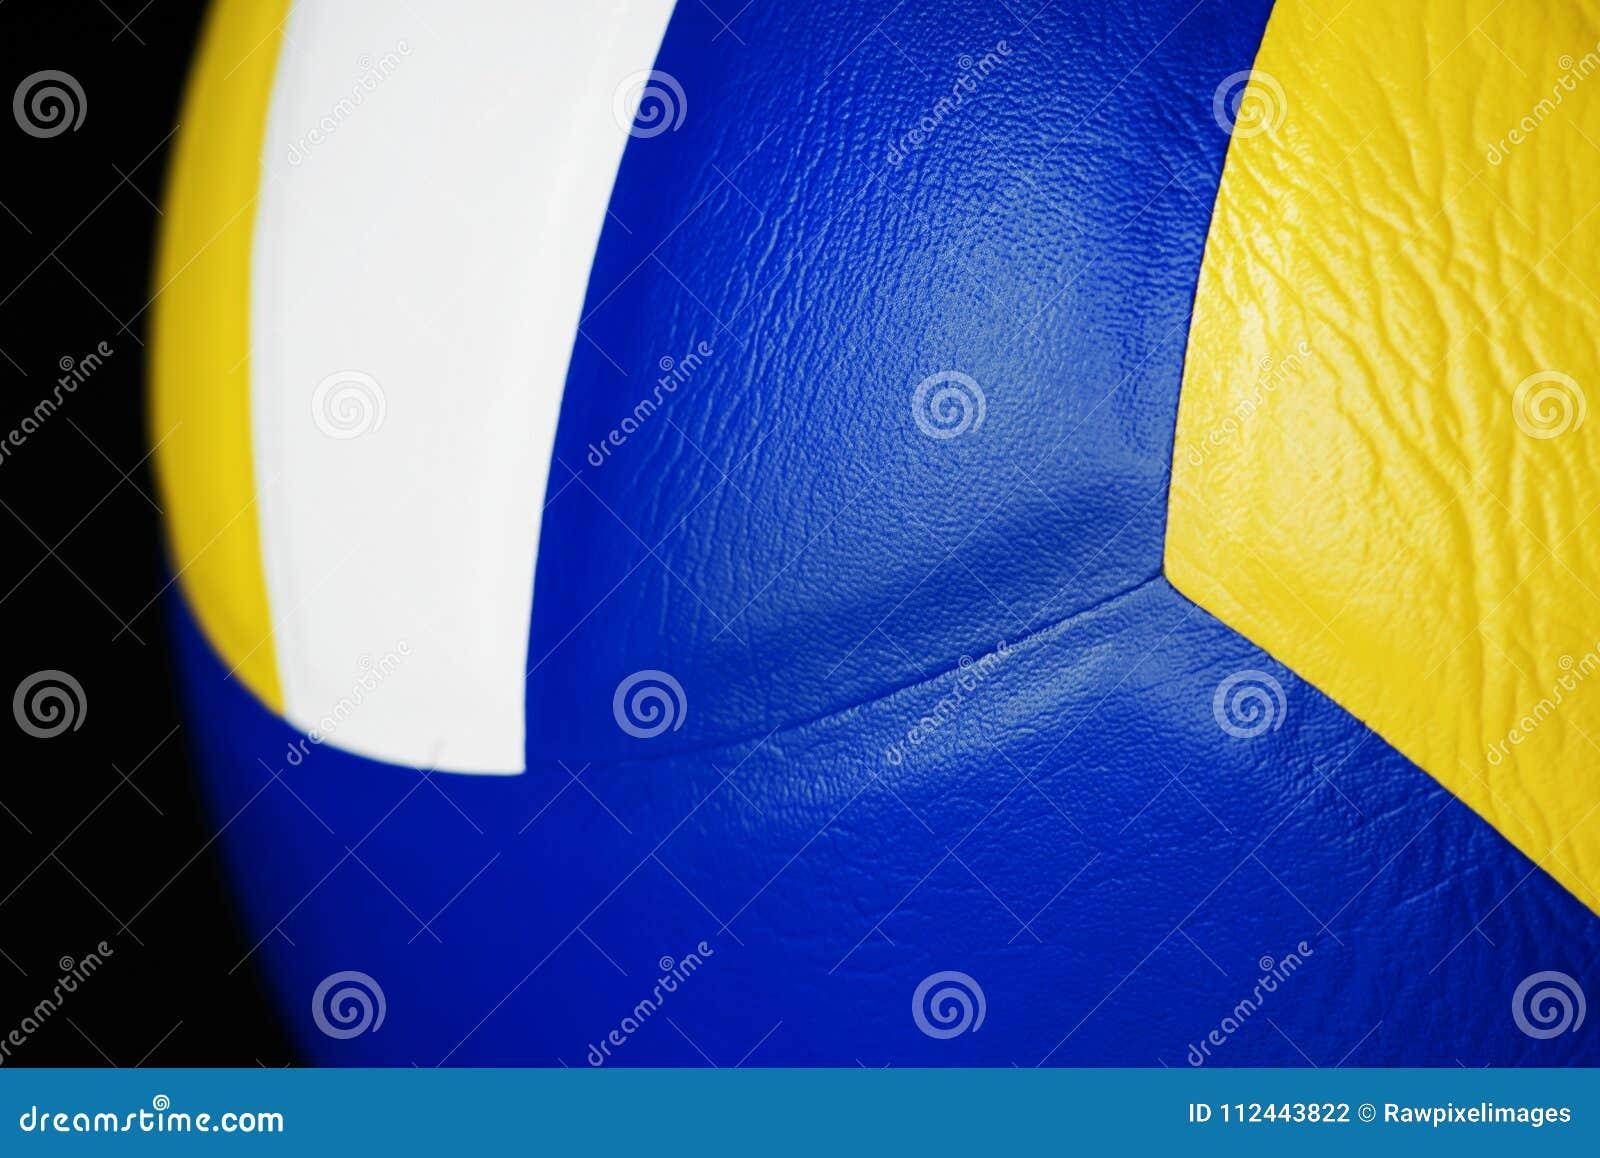 Closeup av volleybollsportobjektet